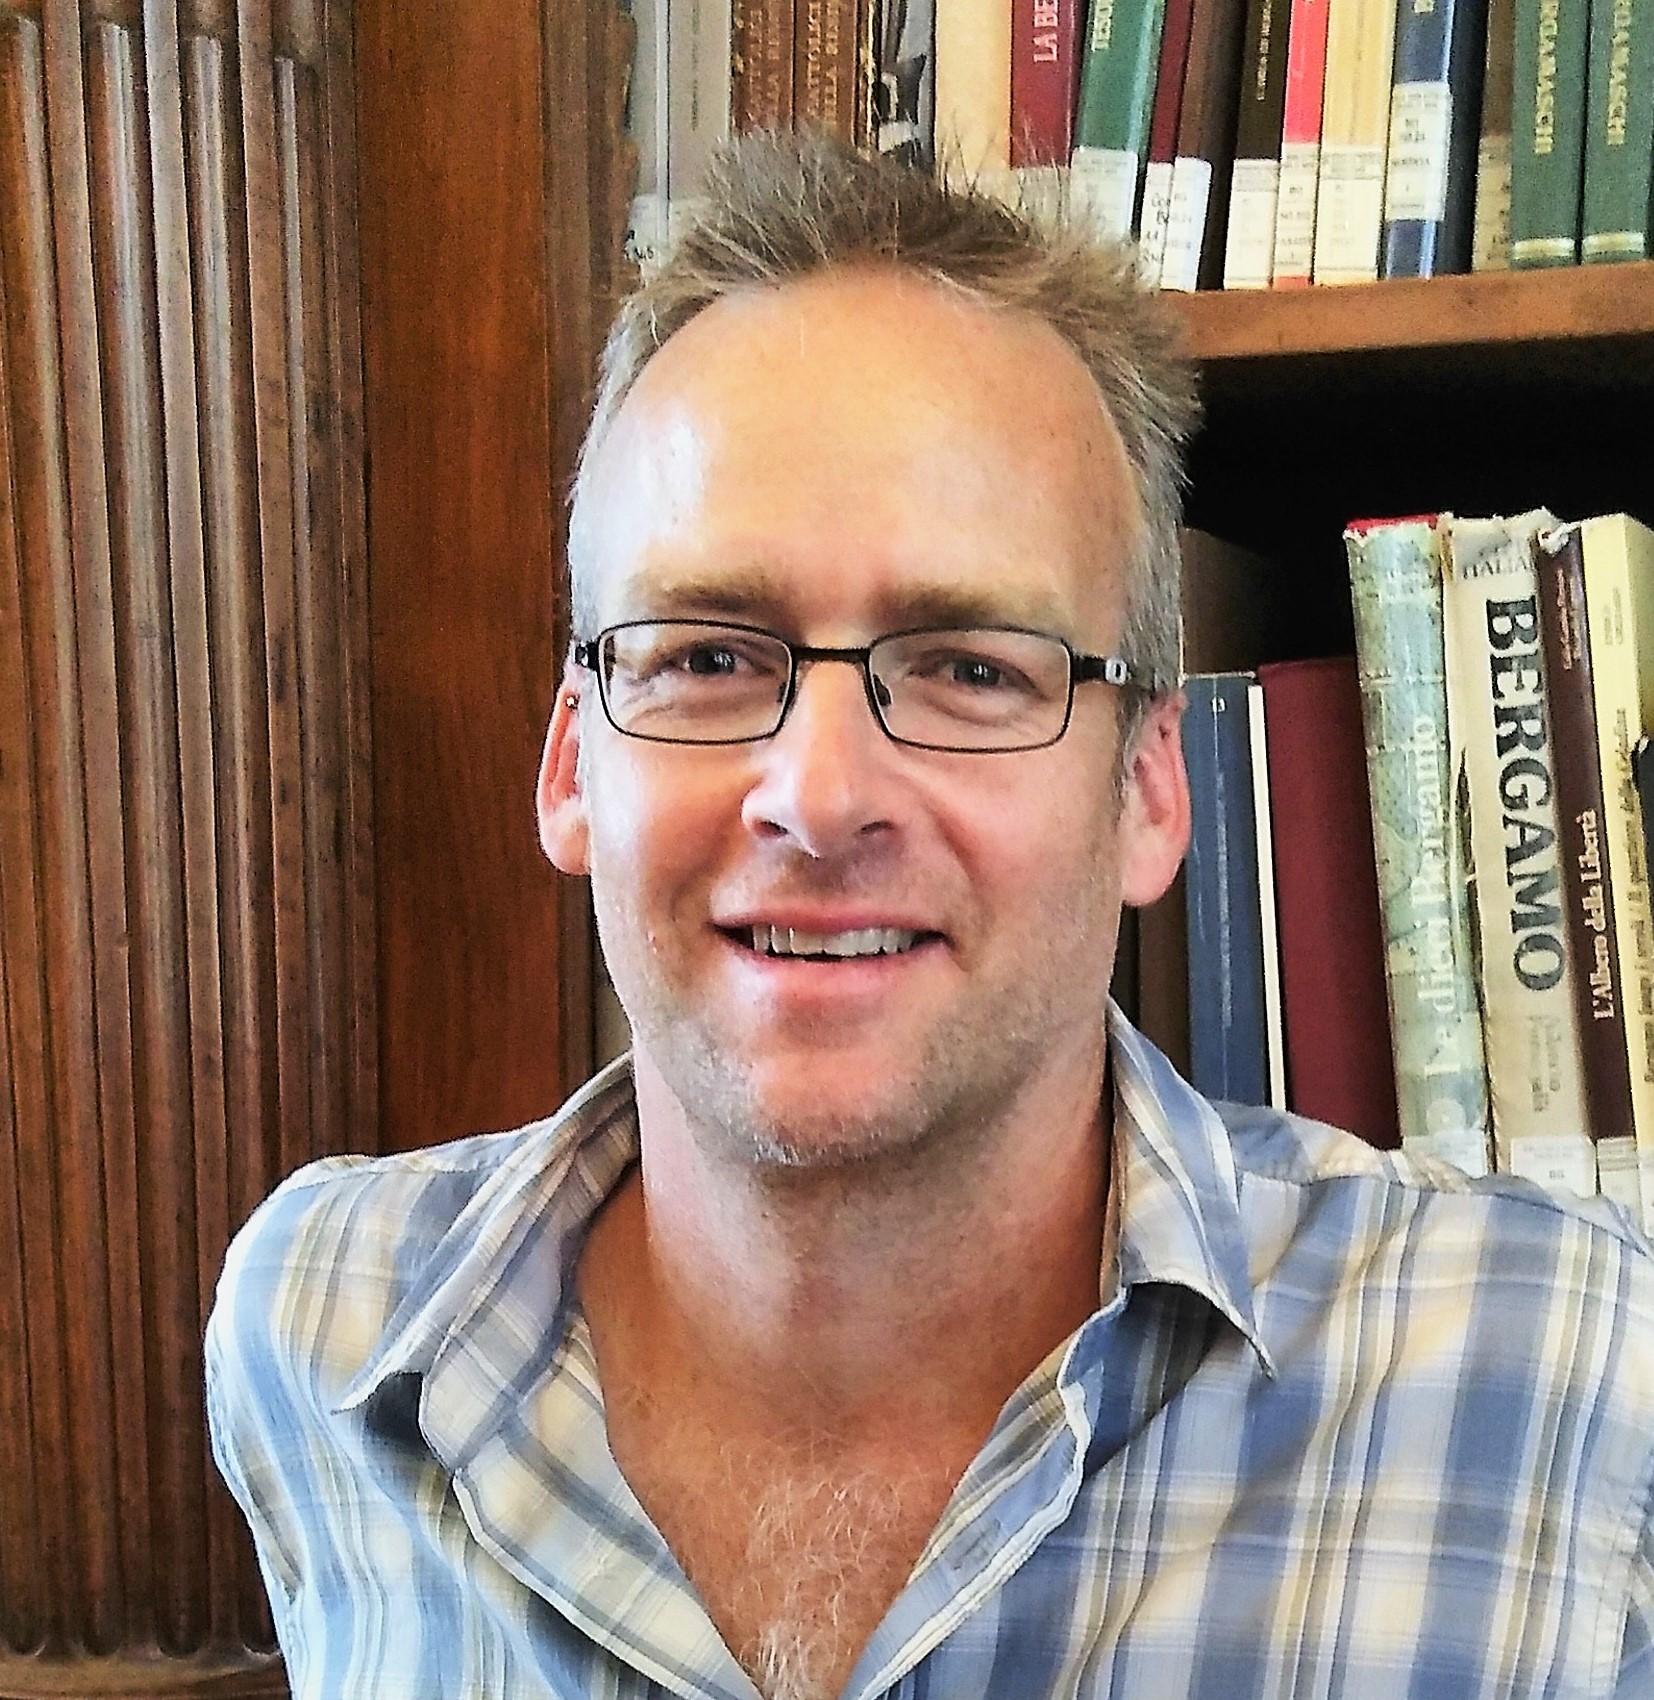 Grant Hopcraft